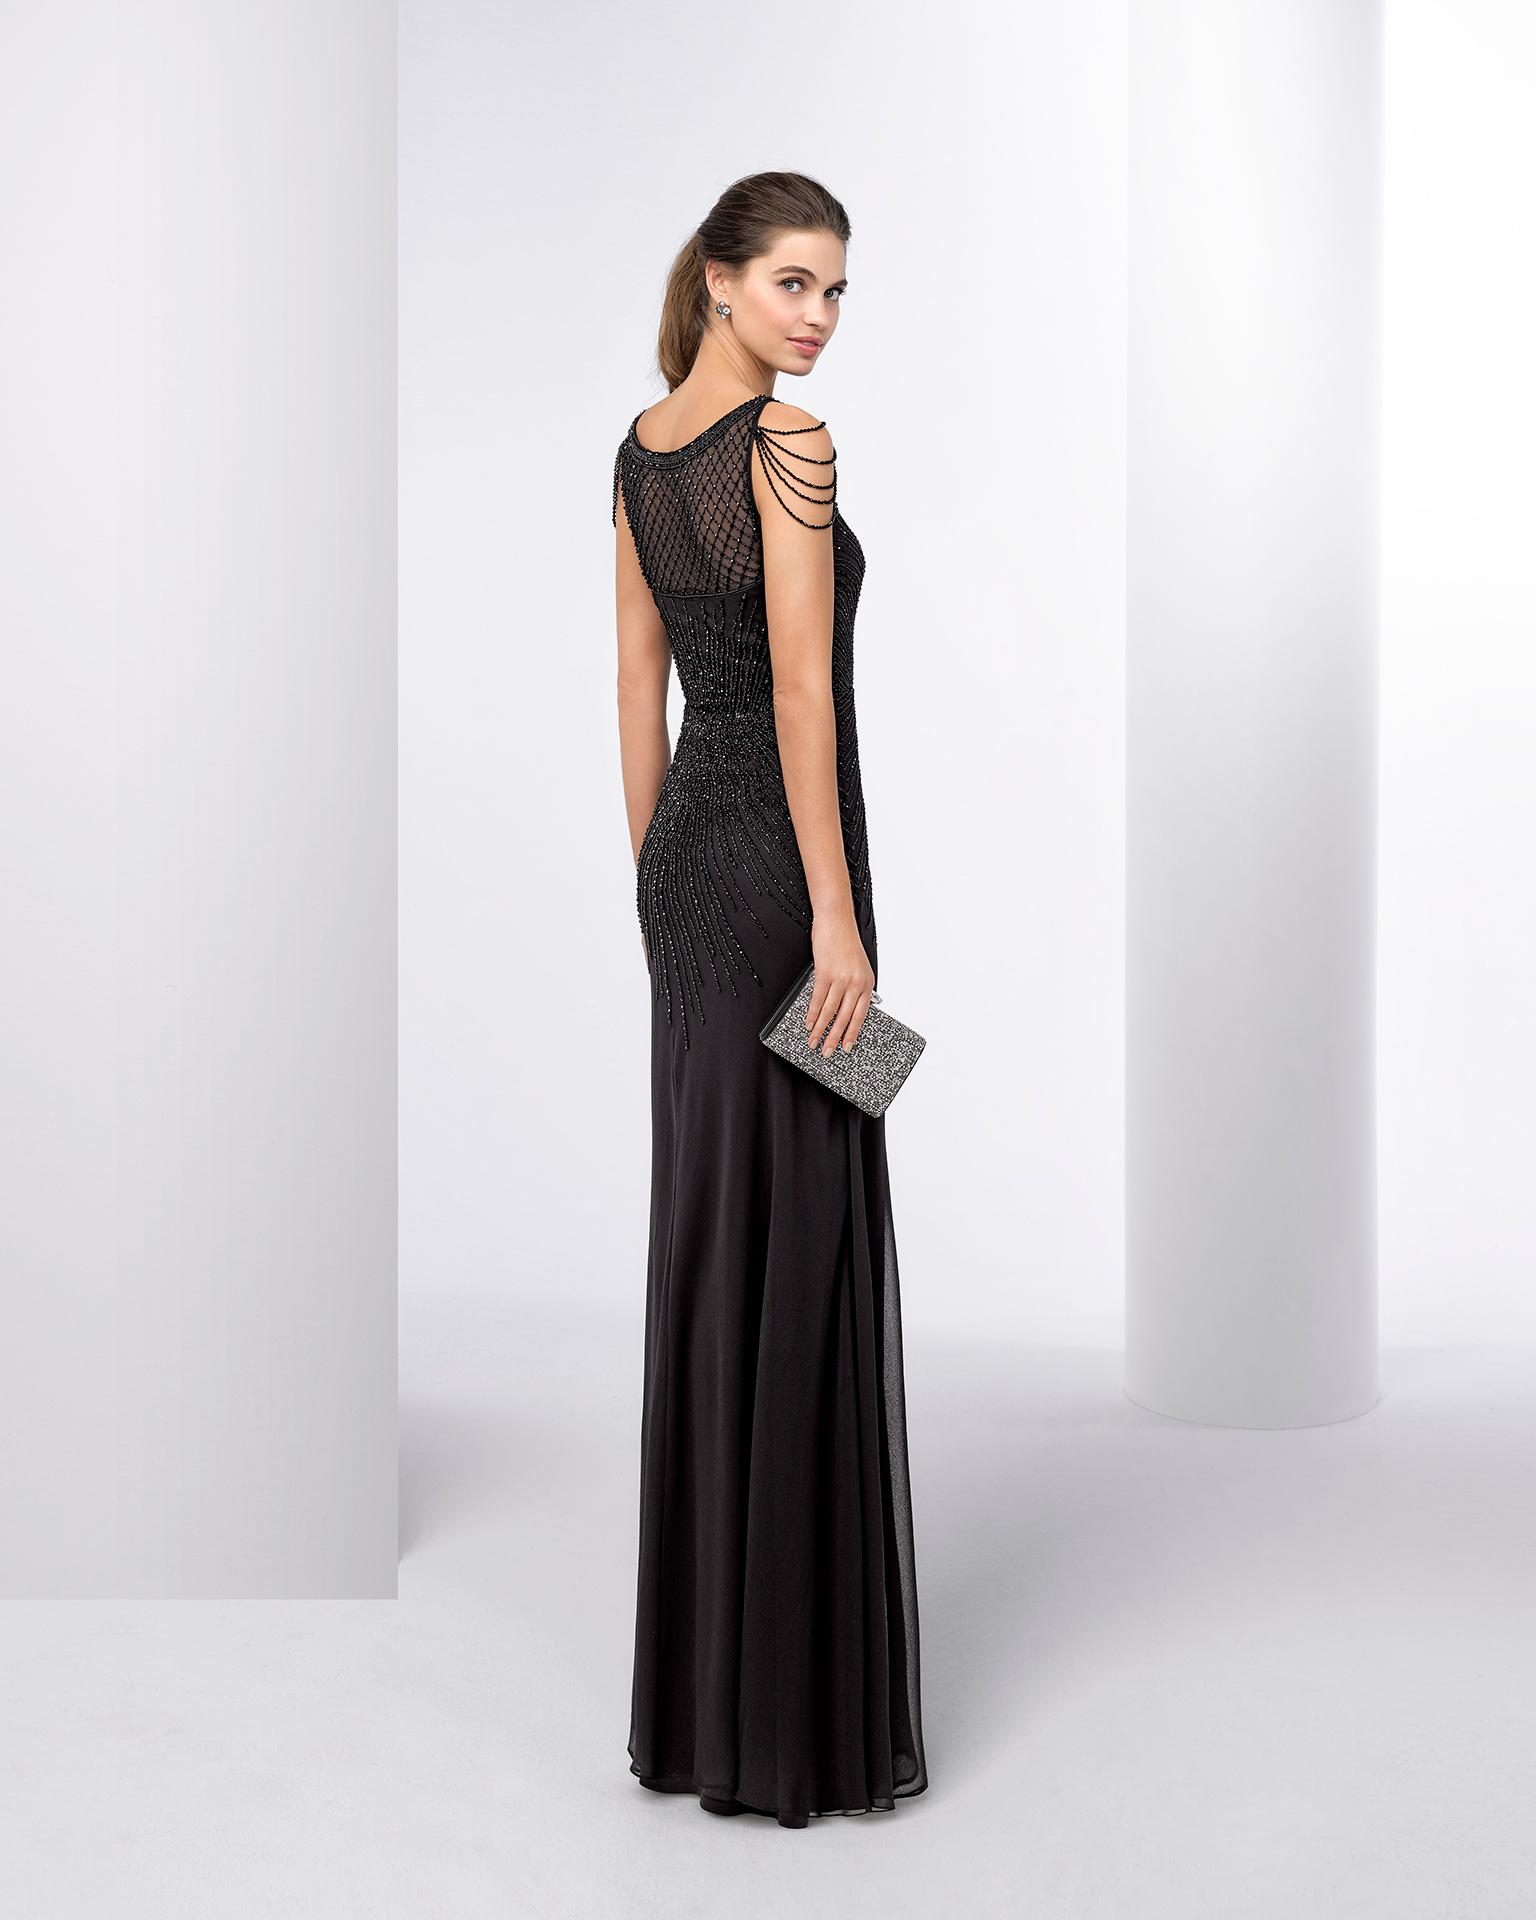 Vestido de cerimónia comprido com brilhantes. Disponível em prateado, preto e azul-marinho. Coleção FIESTA AIRE BARCELONA 2018.